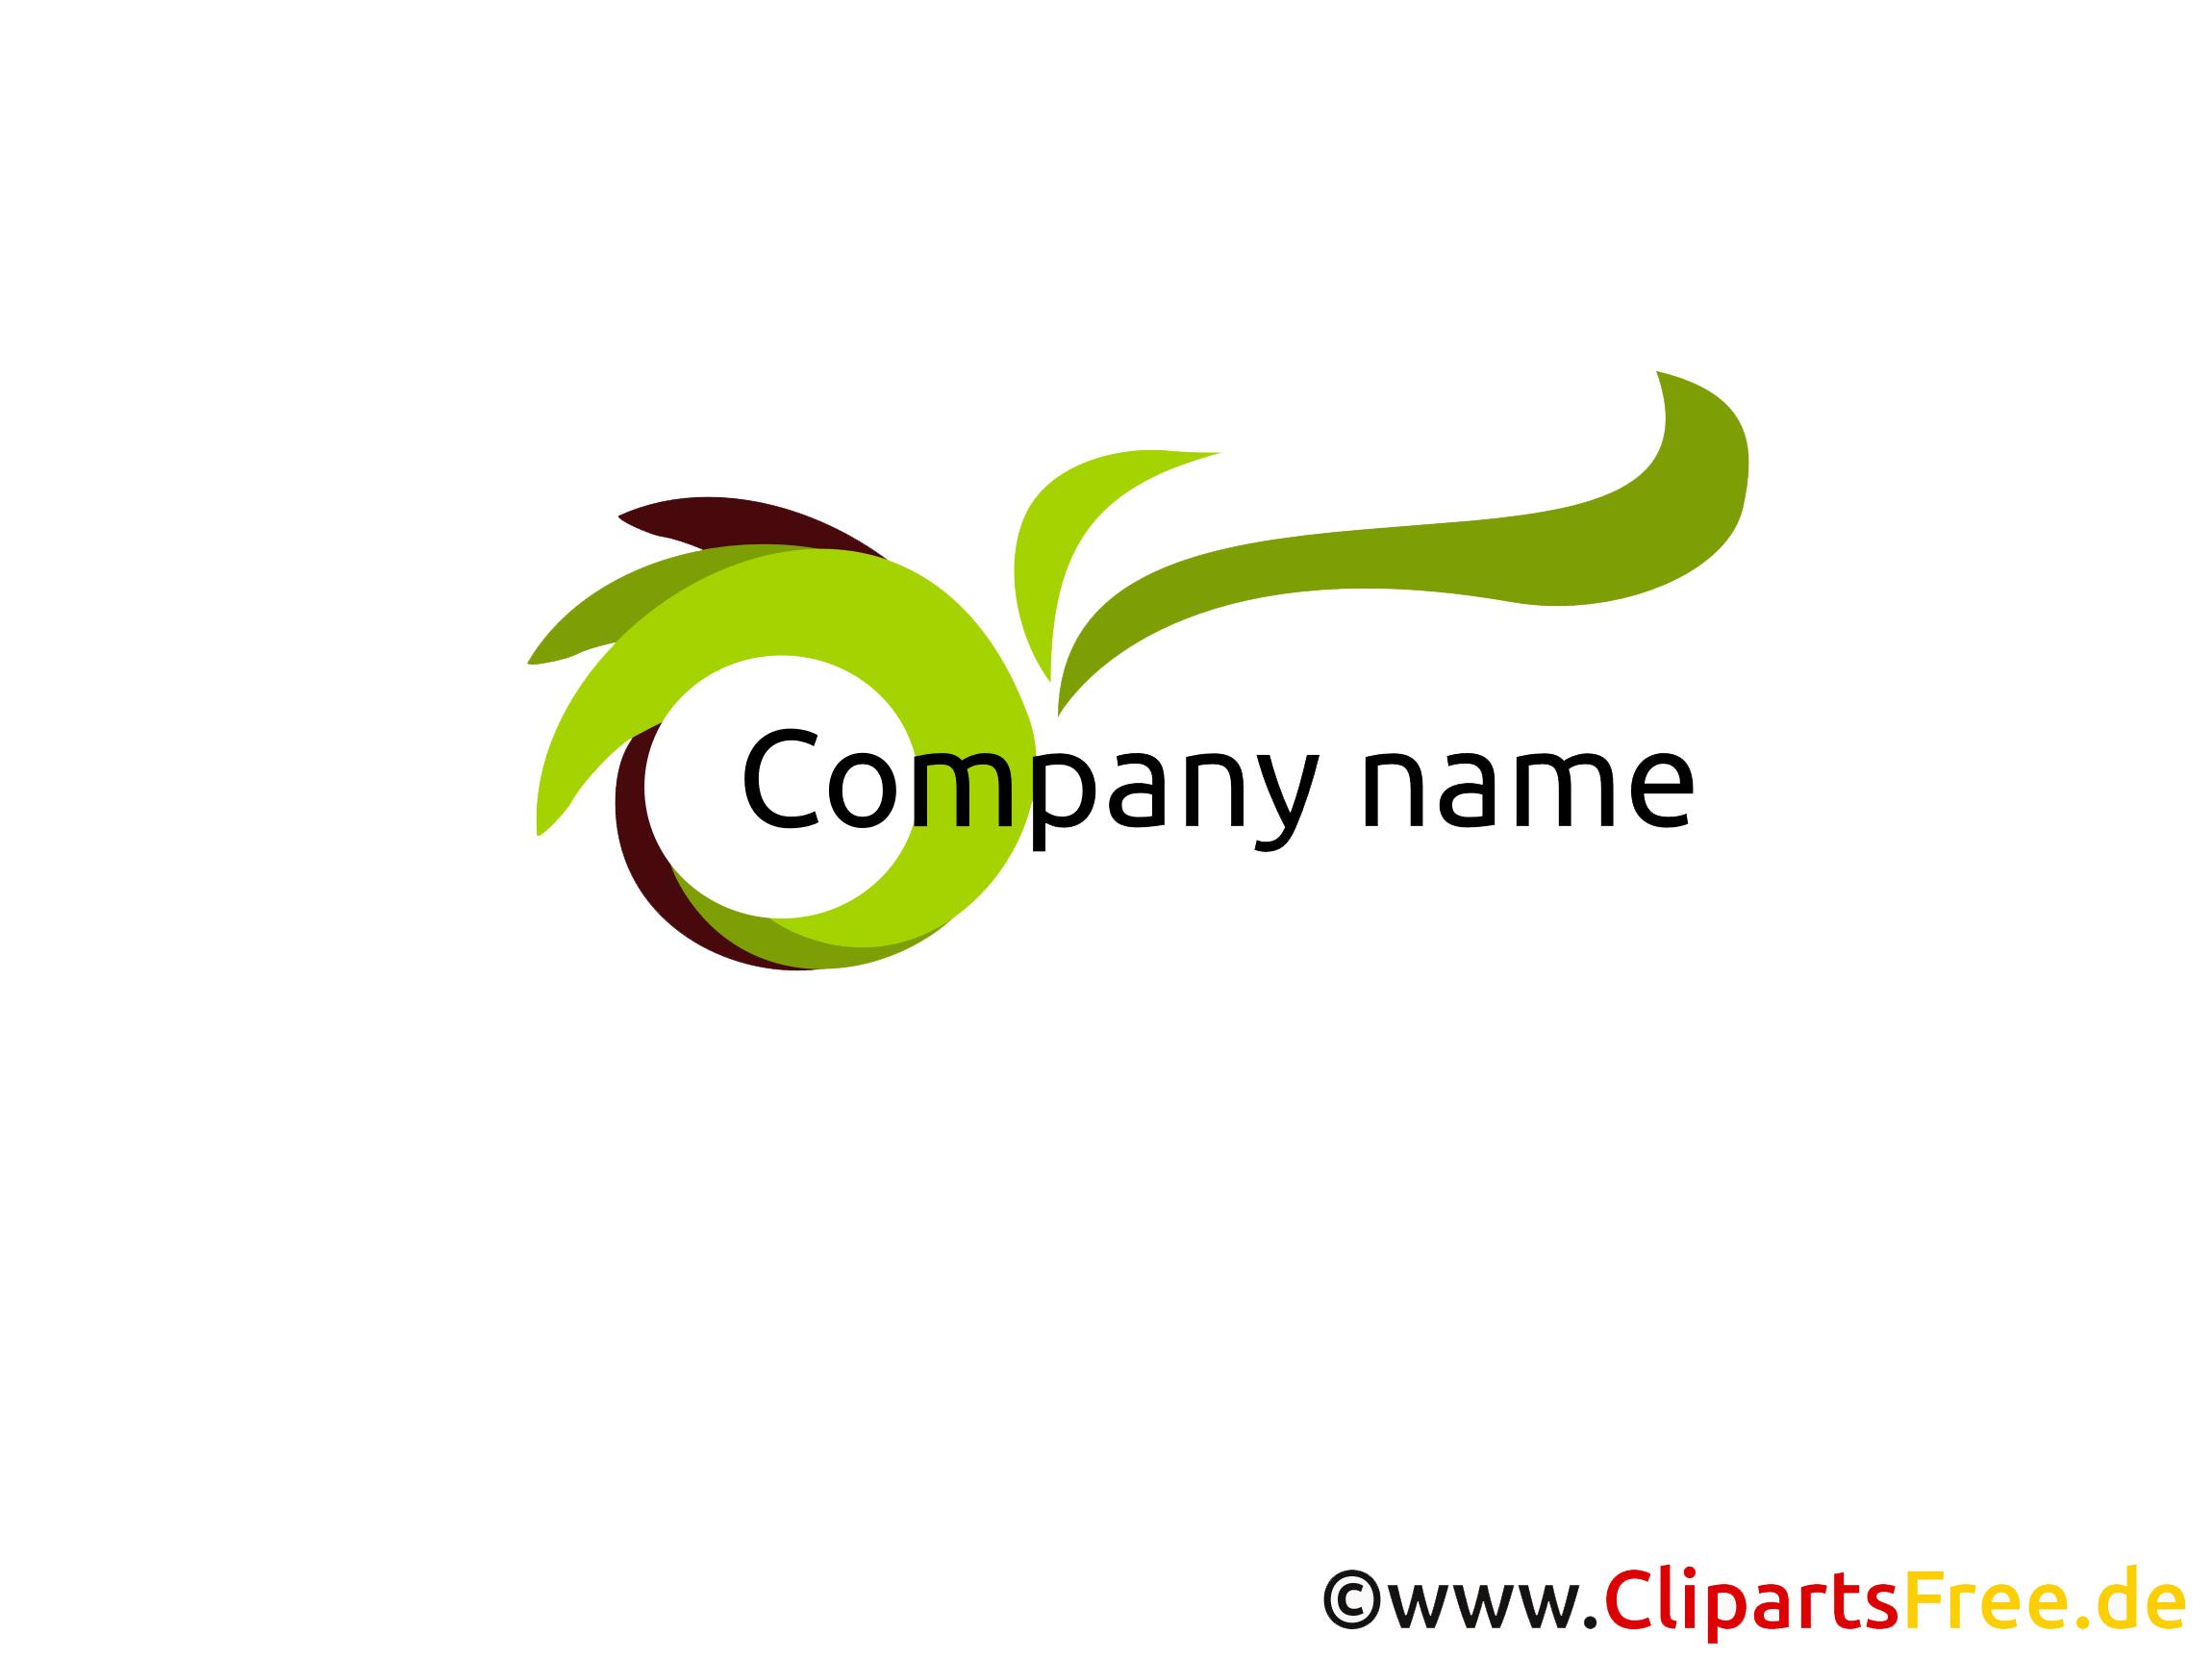 Kostenlose Logo-Vorlage zum Selbsgestalten